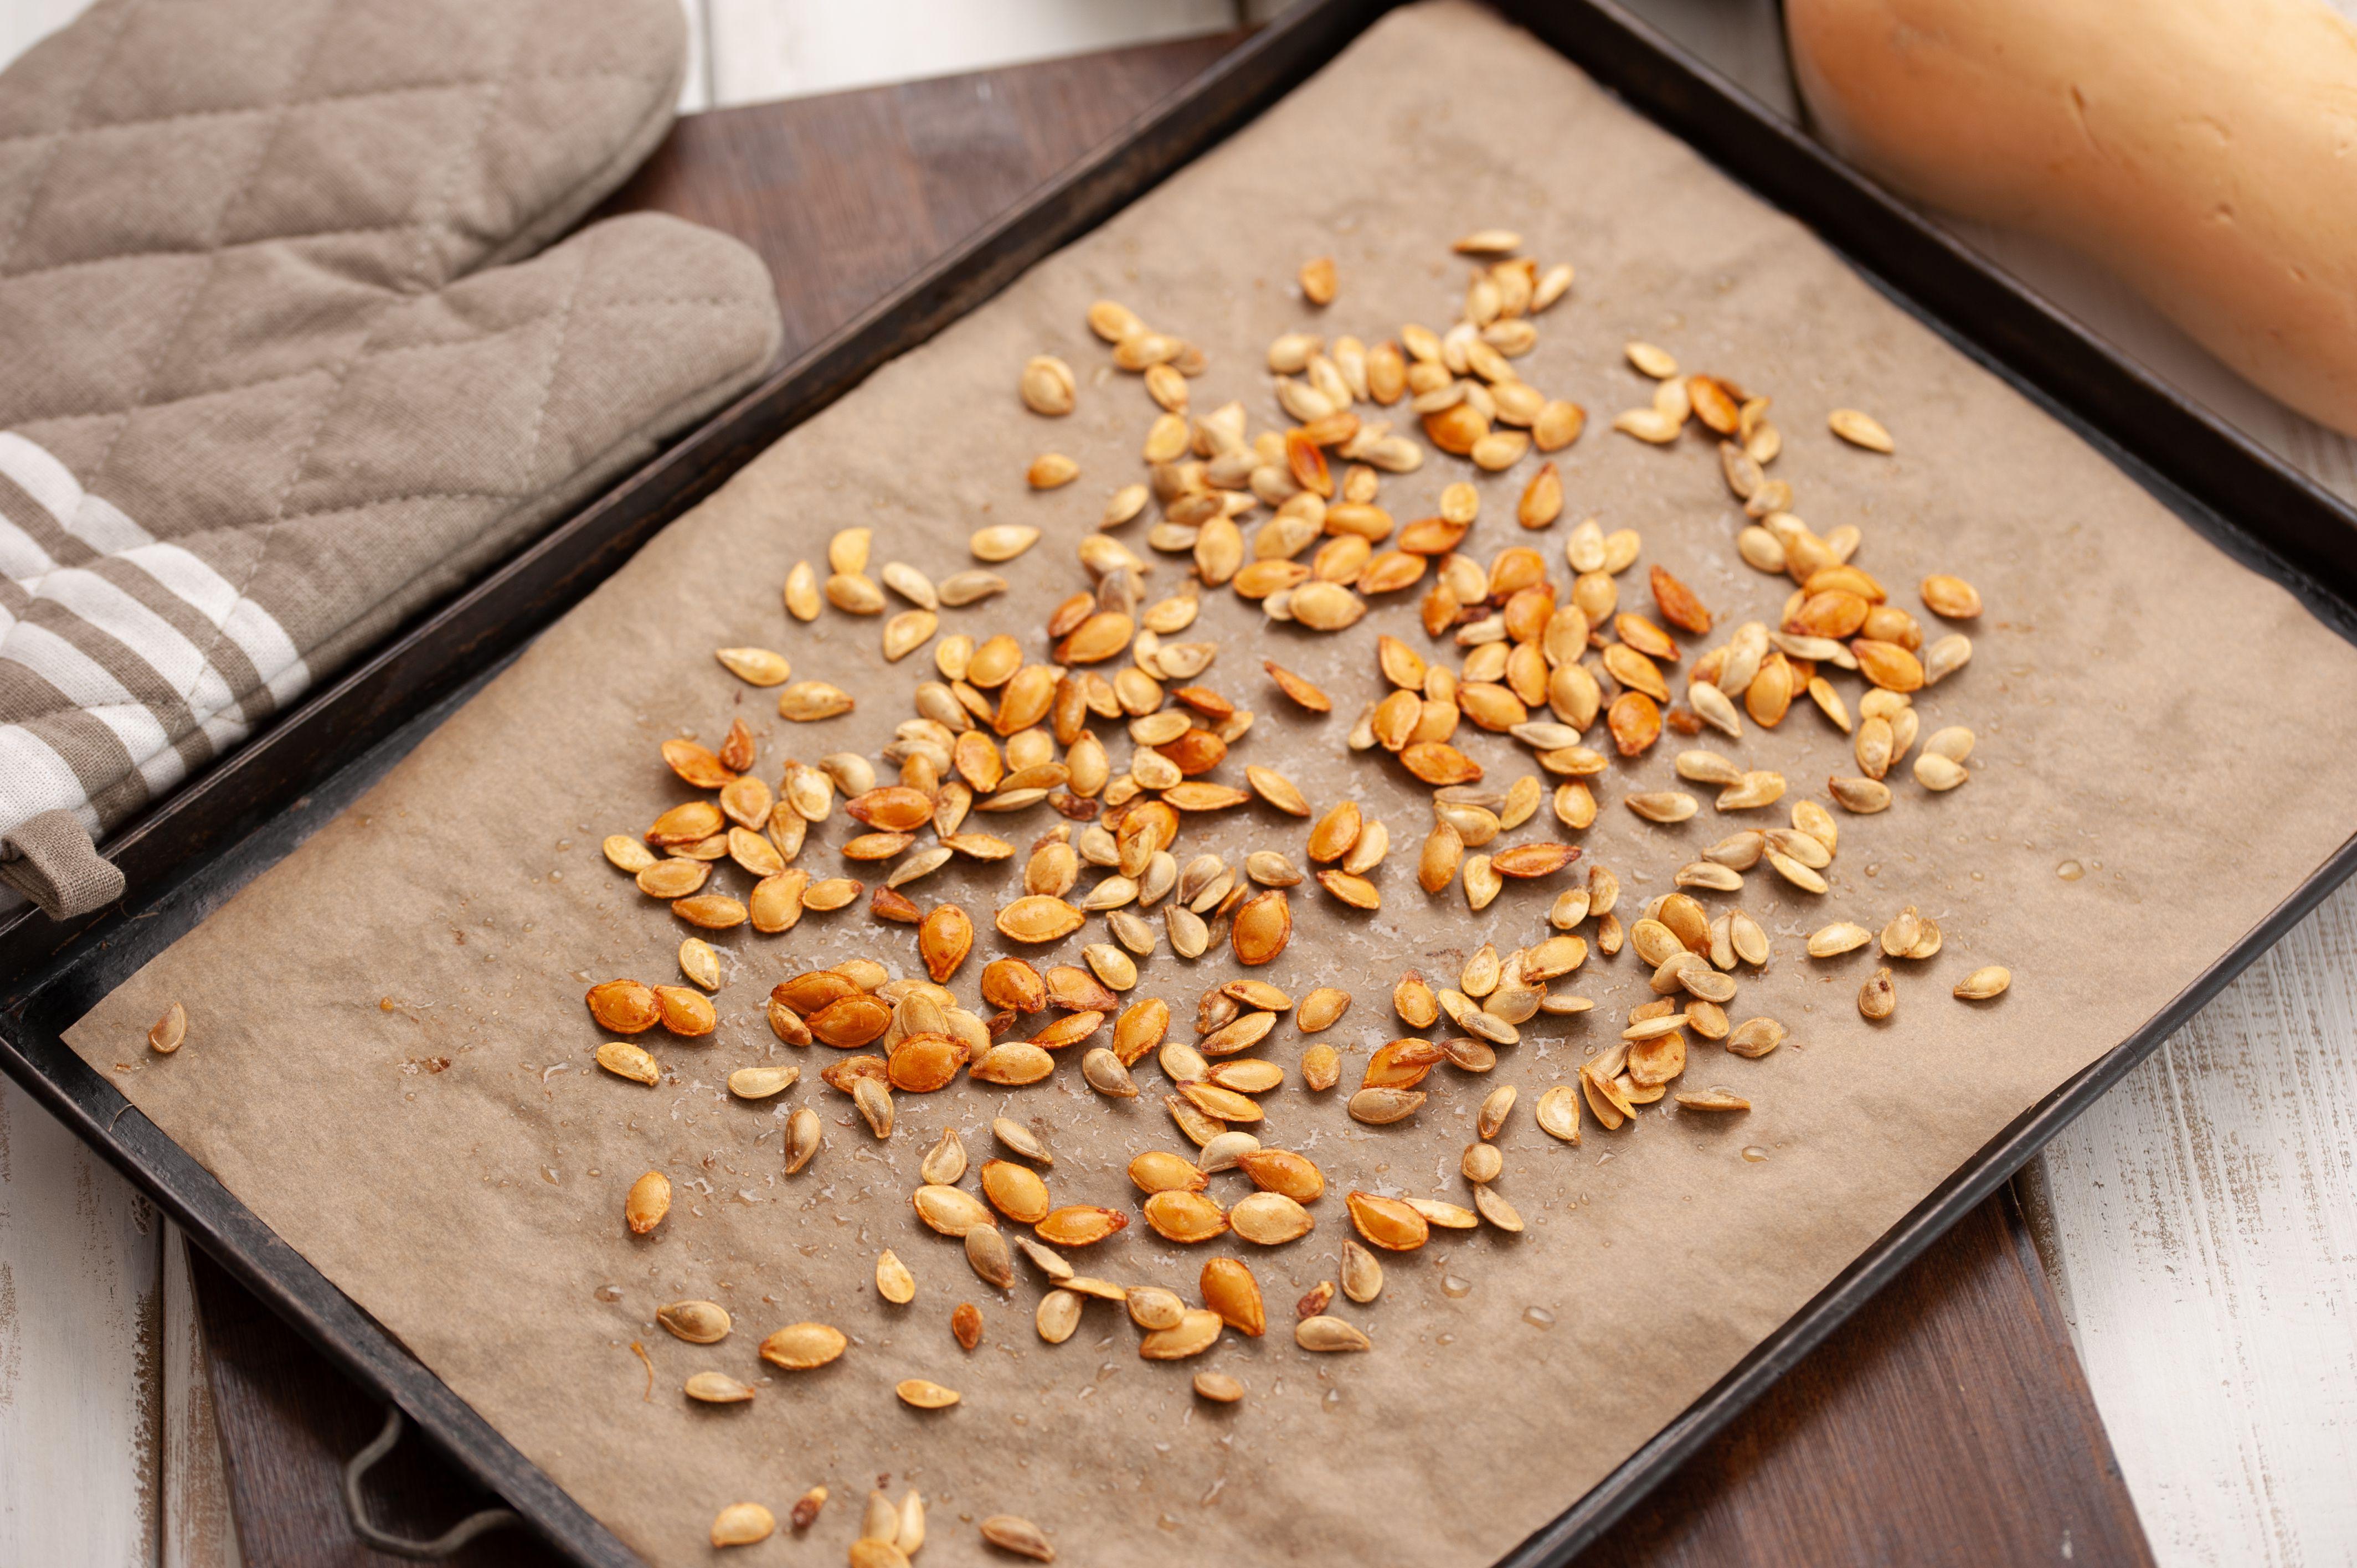 Shake the pan to loosen seeds